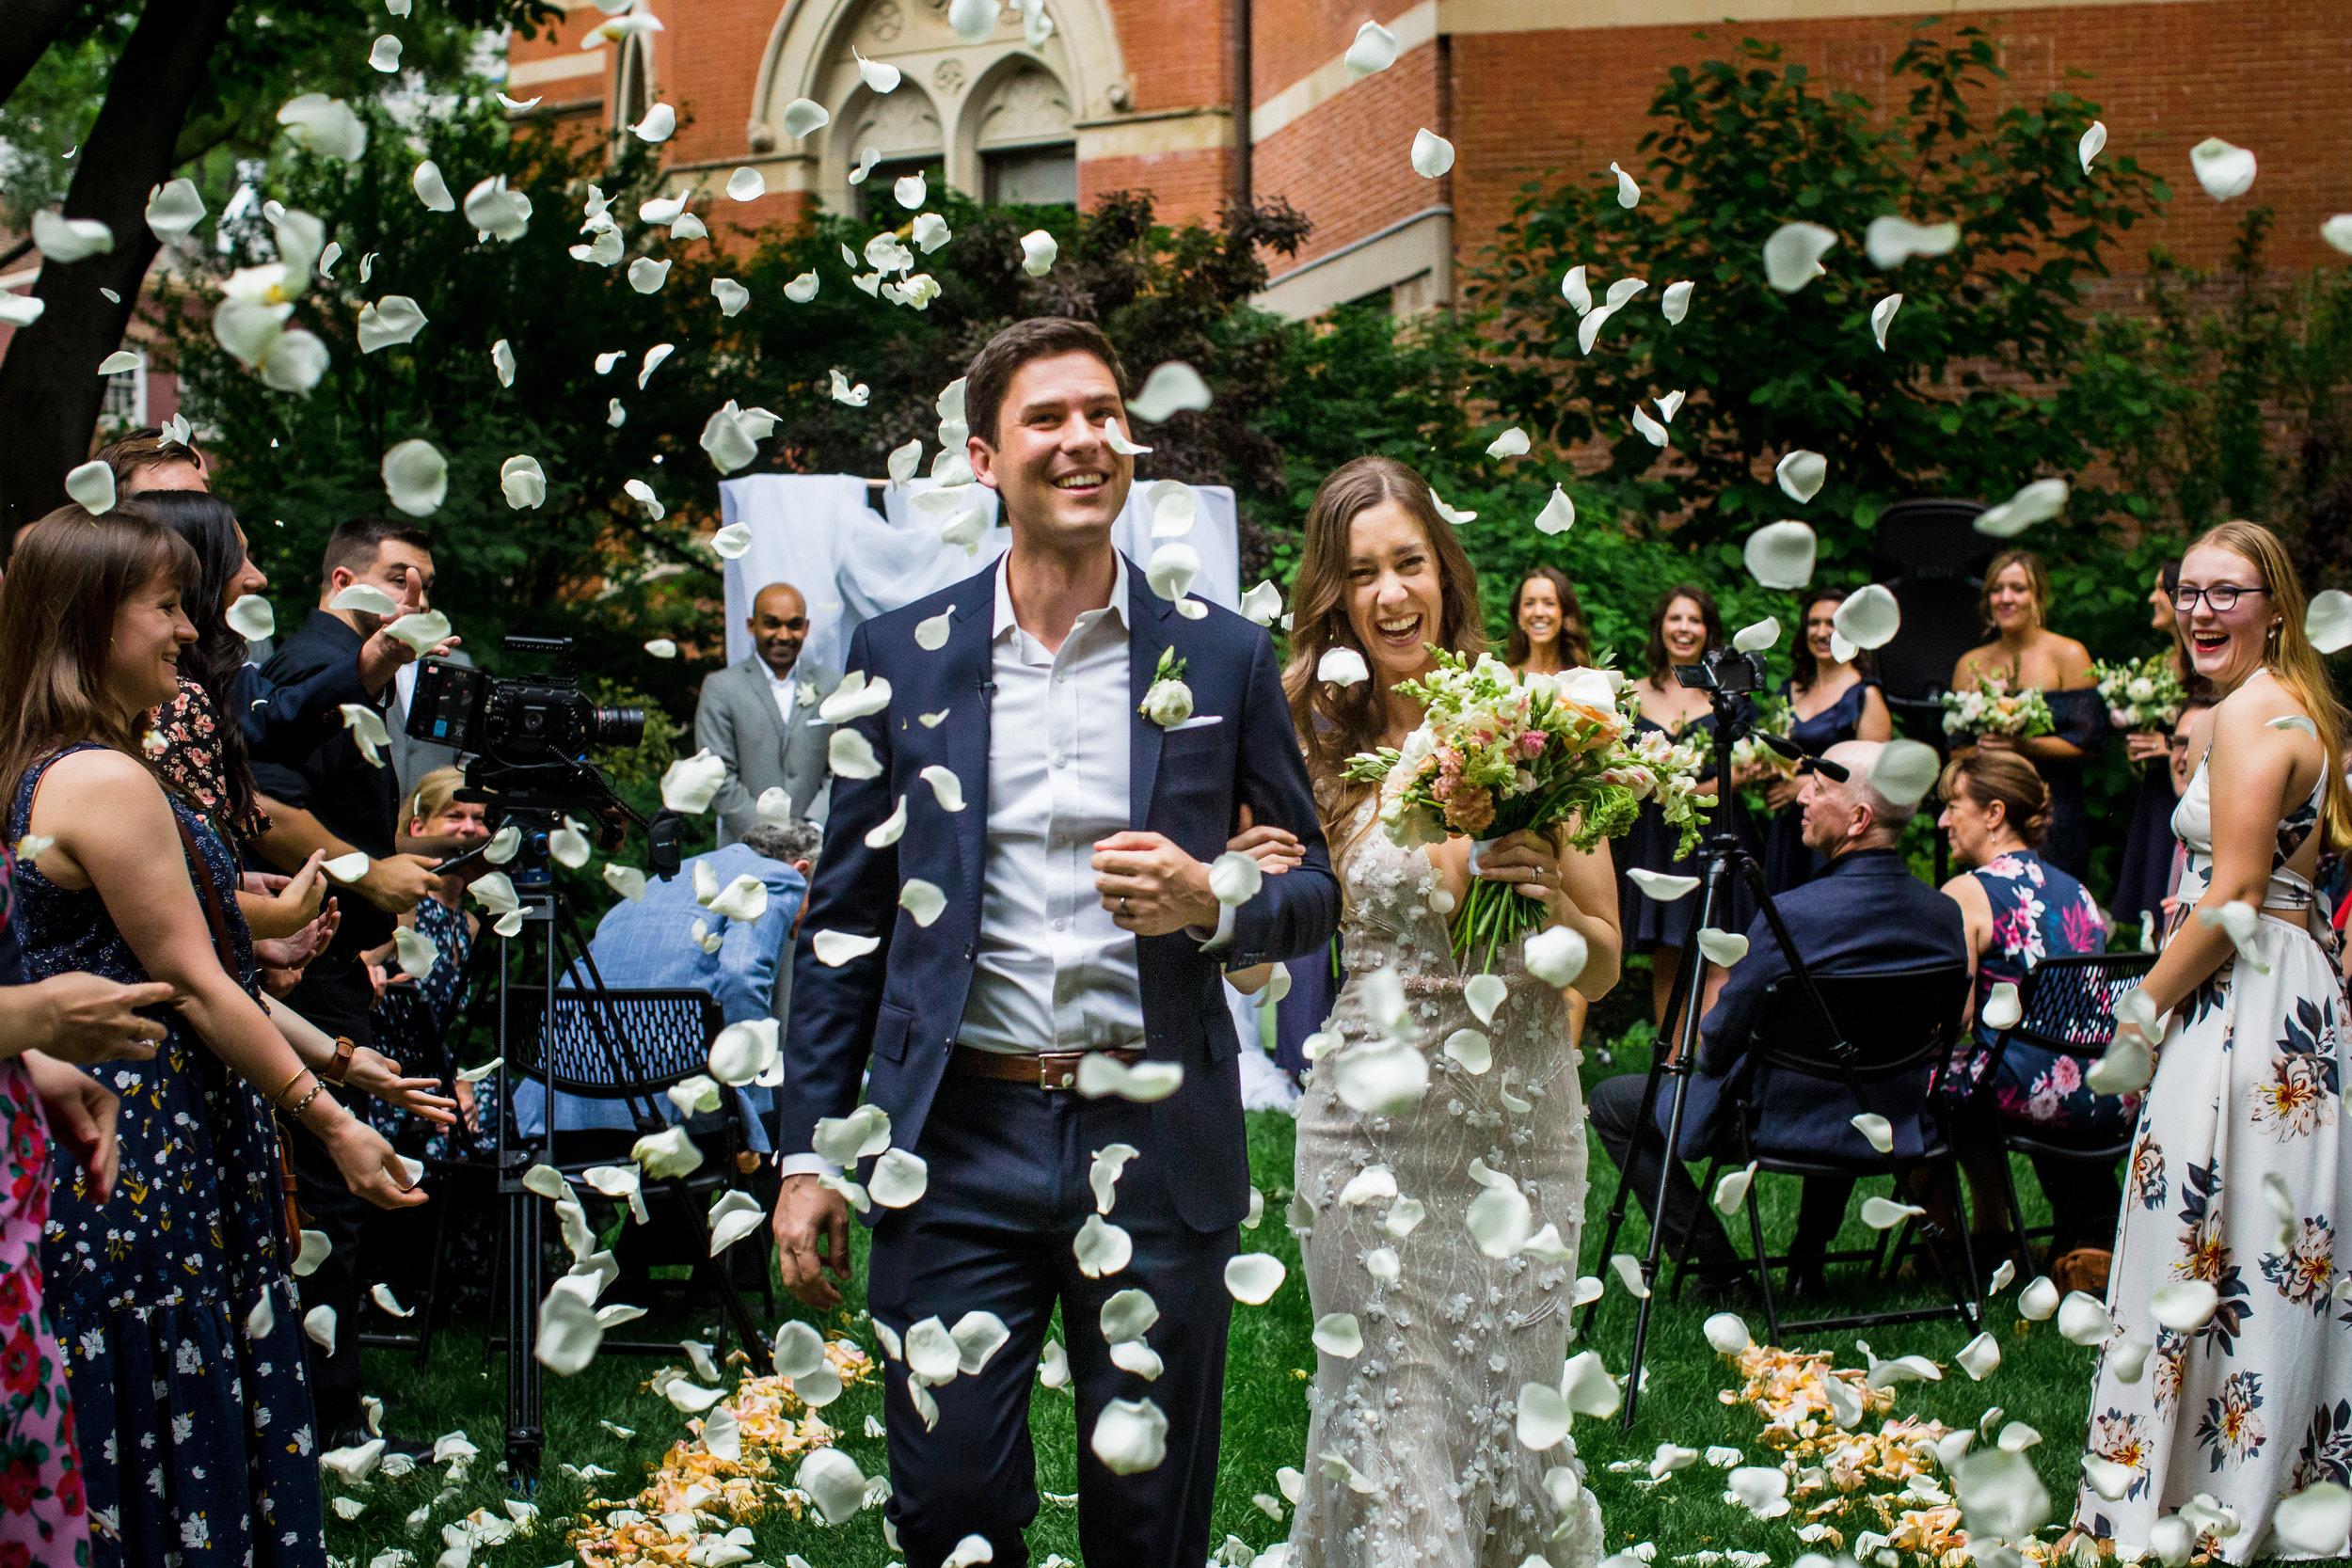 Wedding-RobbieBriar-2019_18.jpg